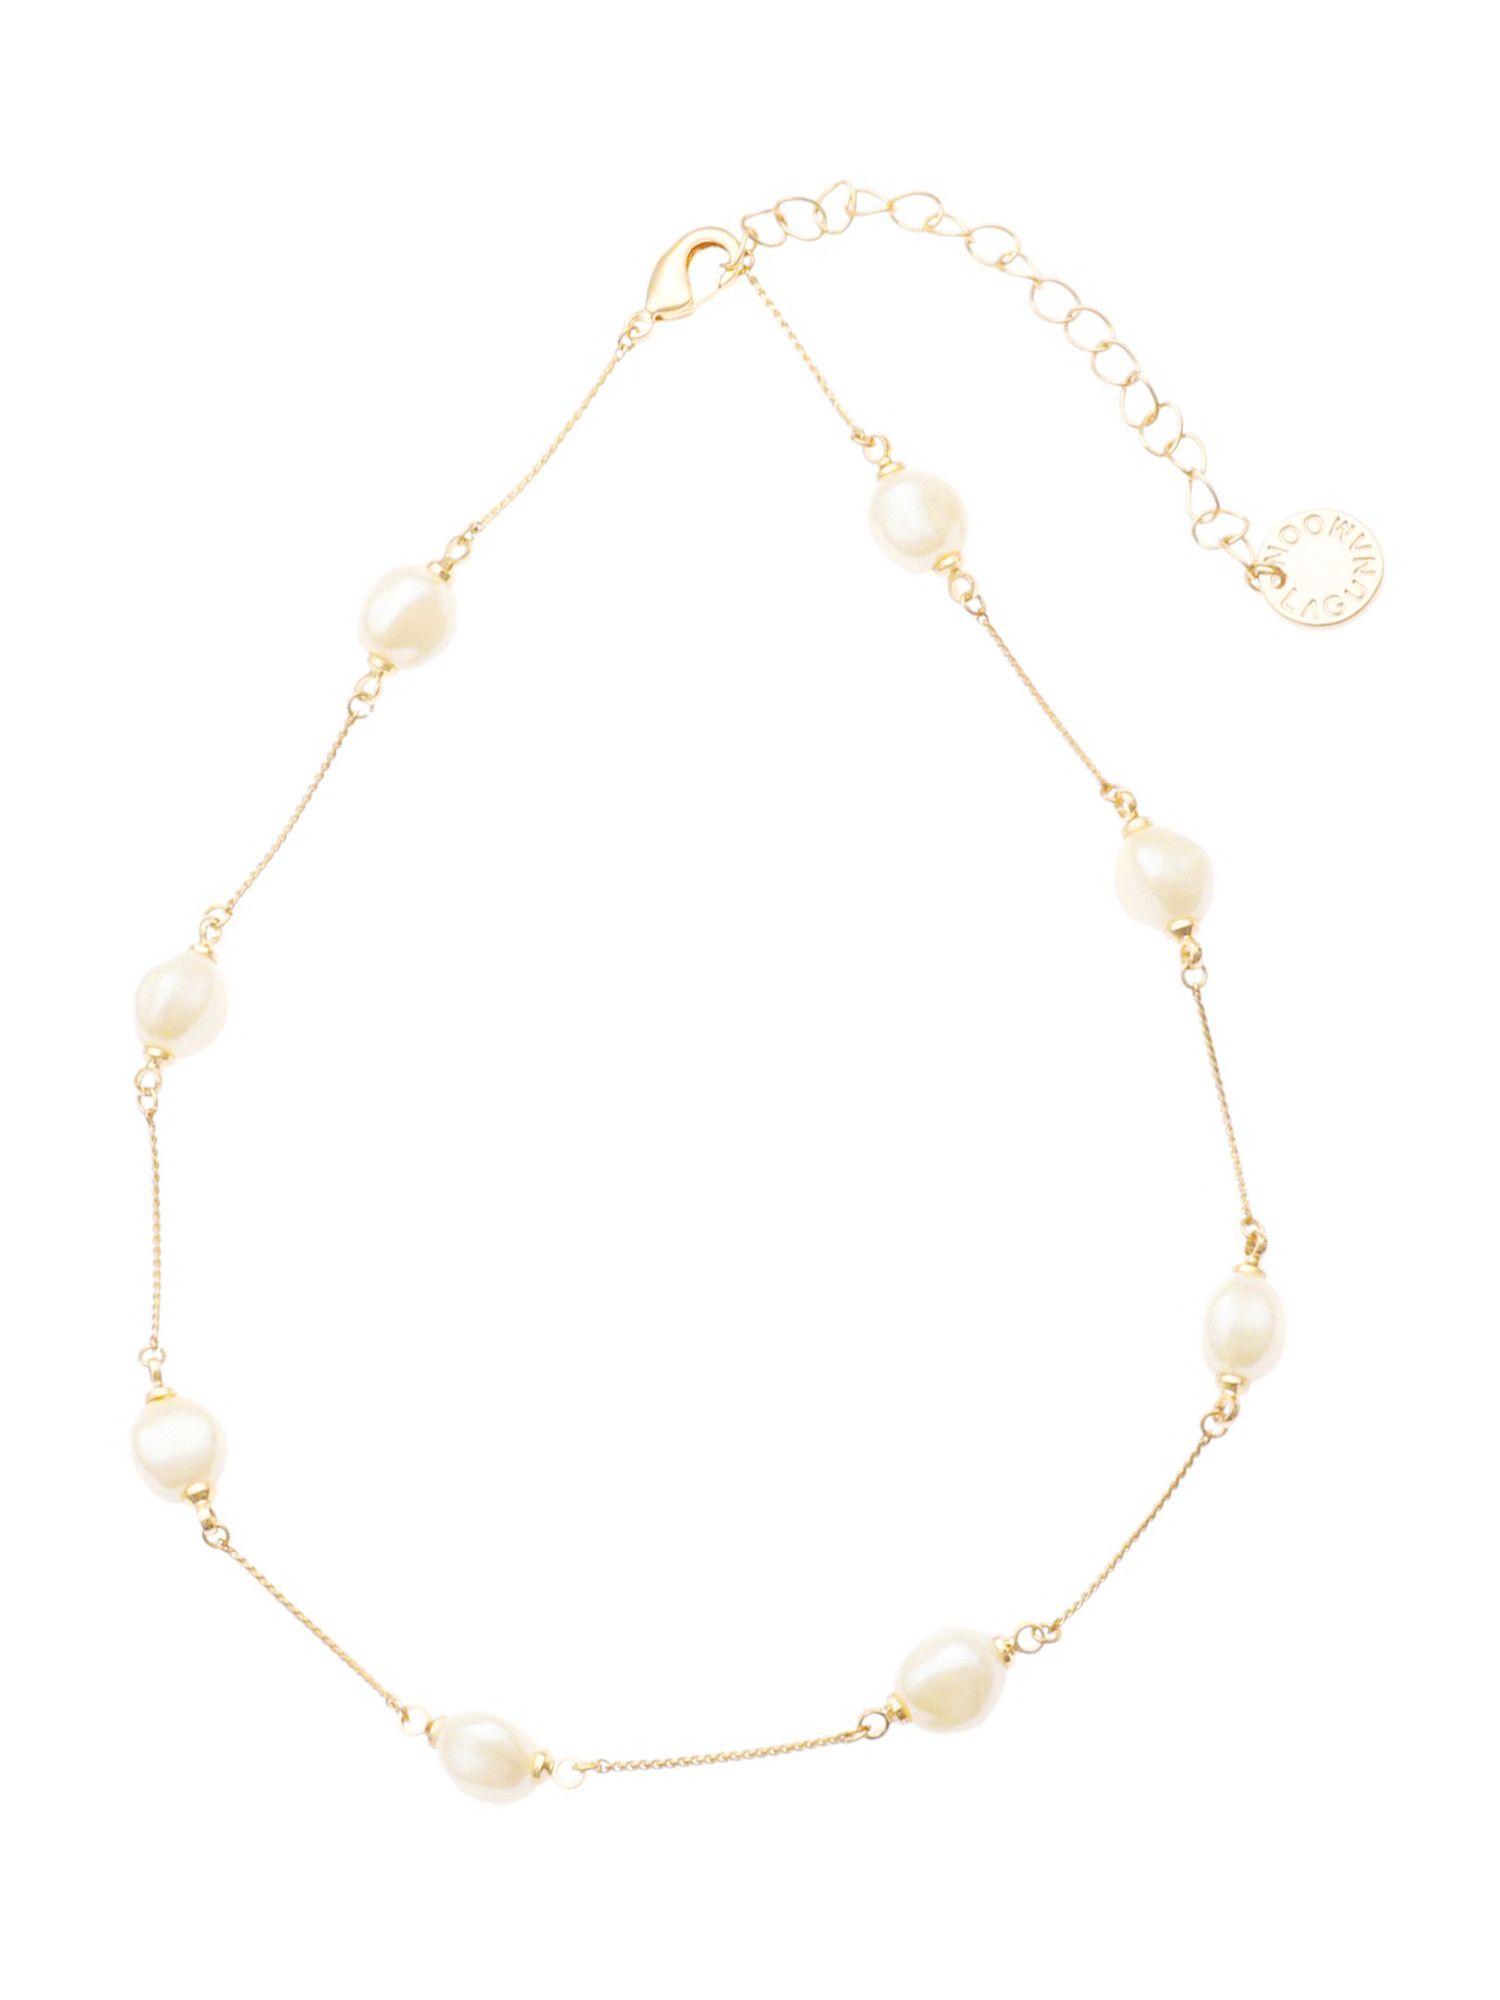 LADY假珍珠項鍊鏈